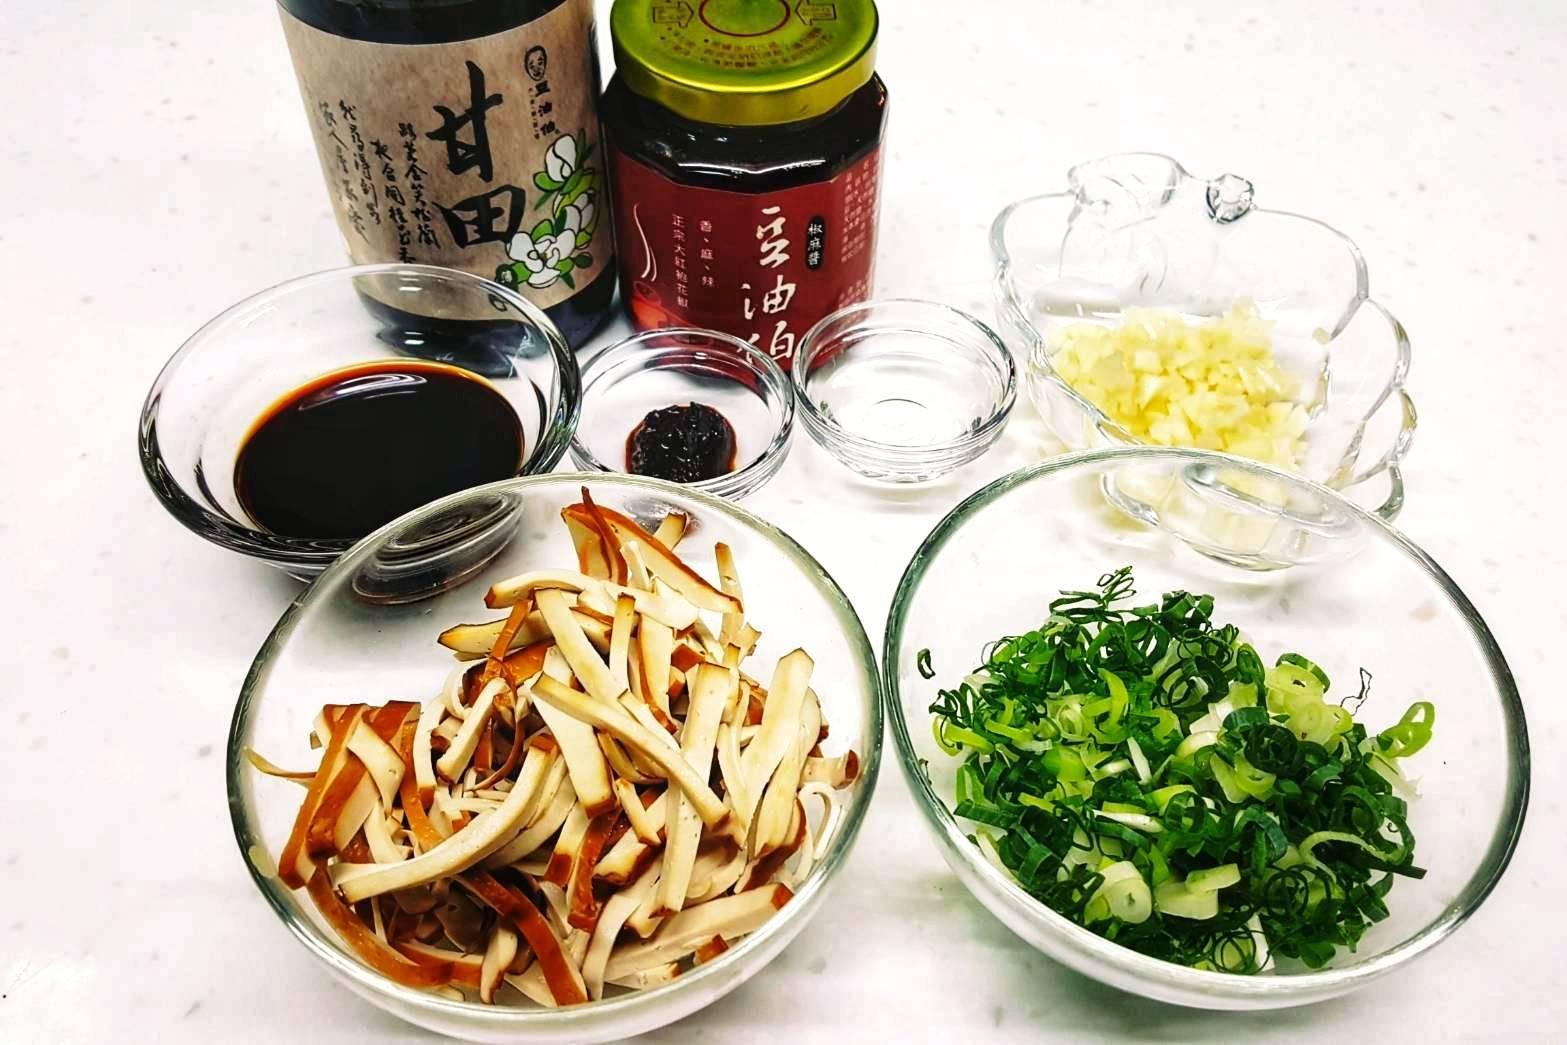 治癒夏日食慾-萬用醬汁爽口涼拌菜